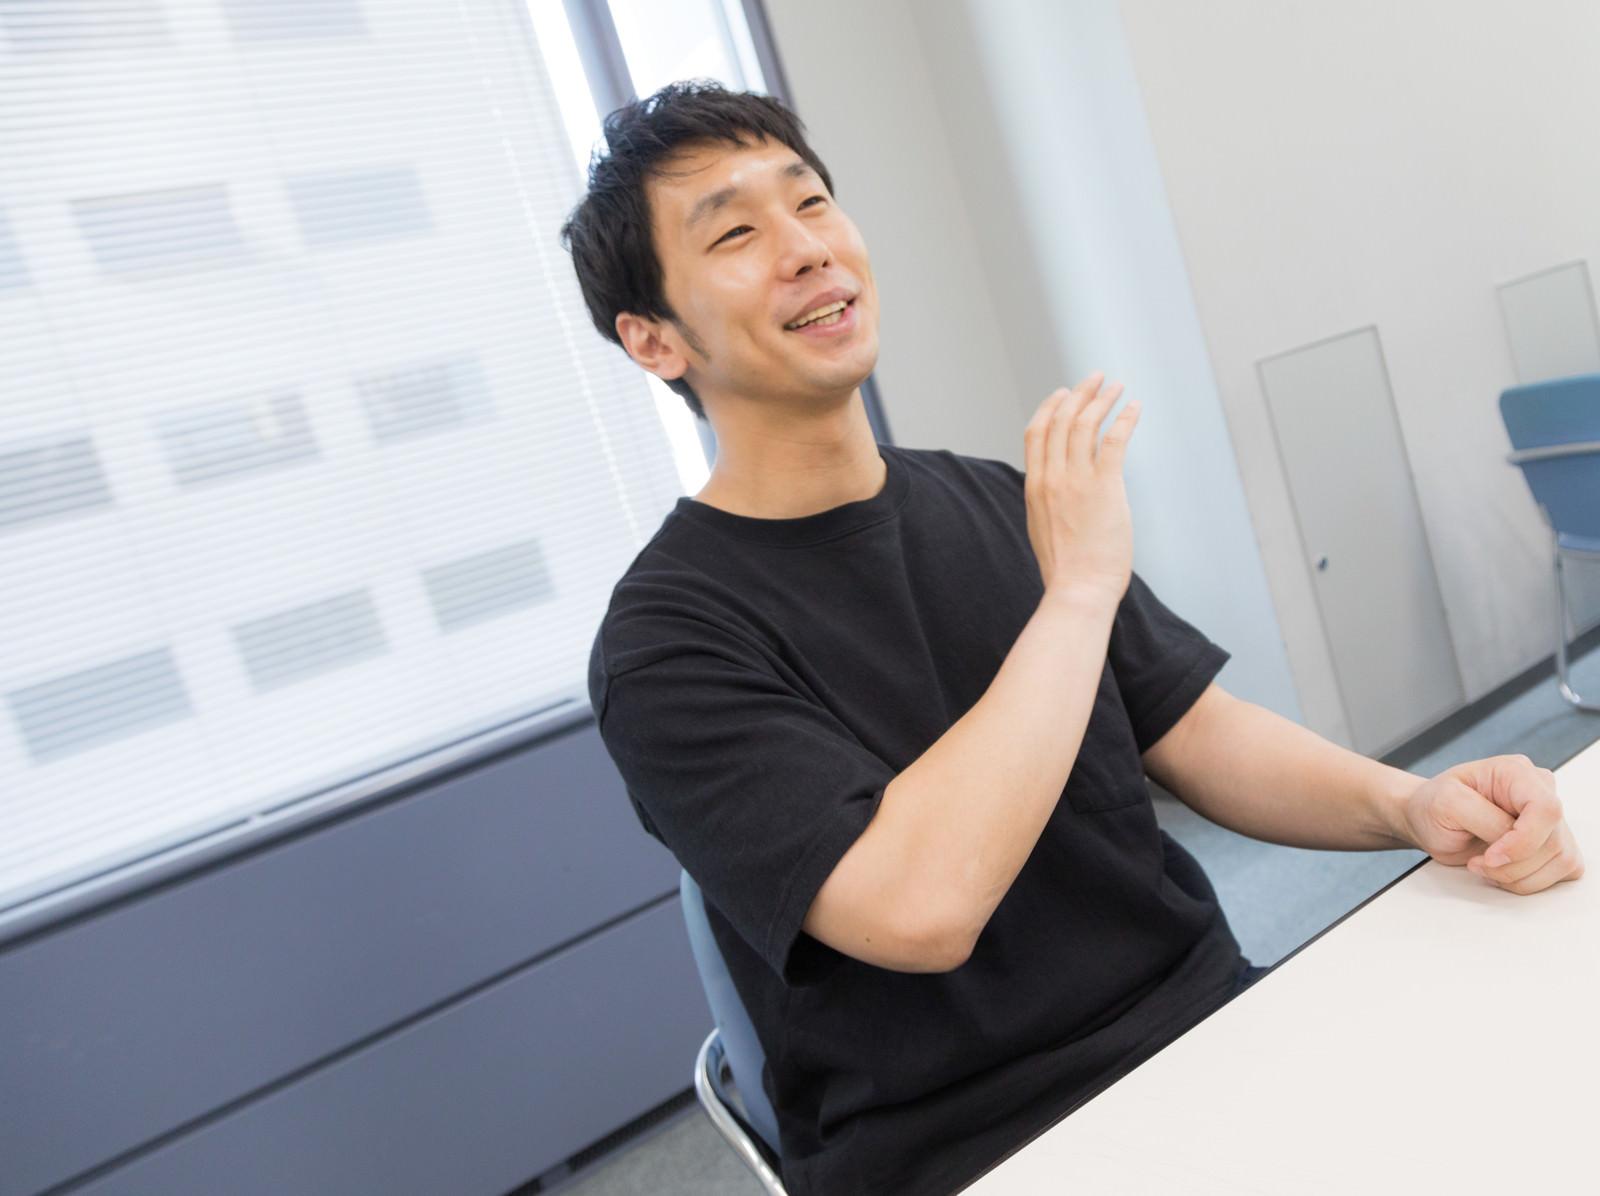 「インタビュー中にアイーンをする元芸人の起業家インタビュー中にアイーンをする元芸人の起業家」[モデル:大川竜弥]のフリー写真素材を拡大